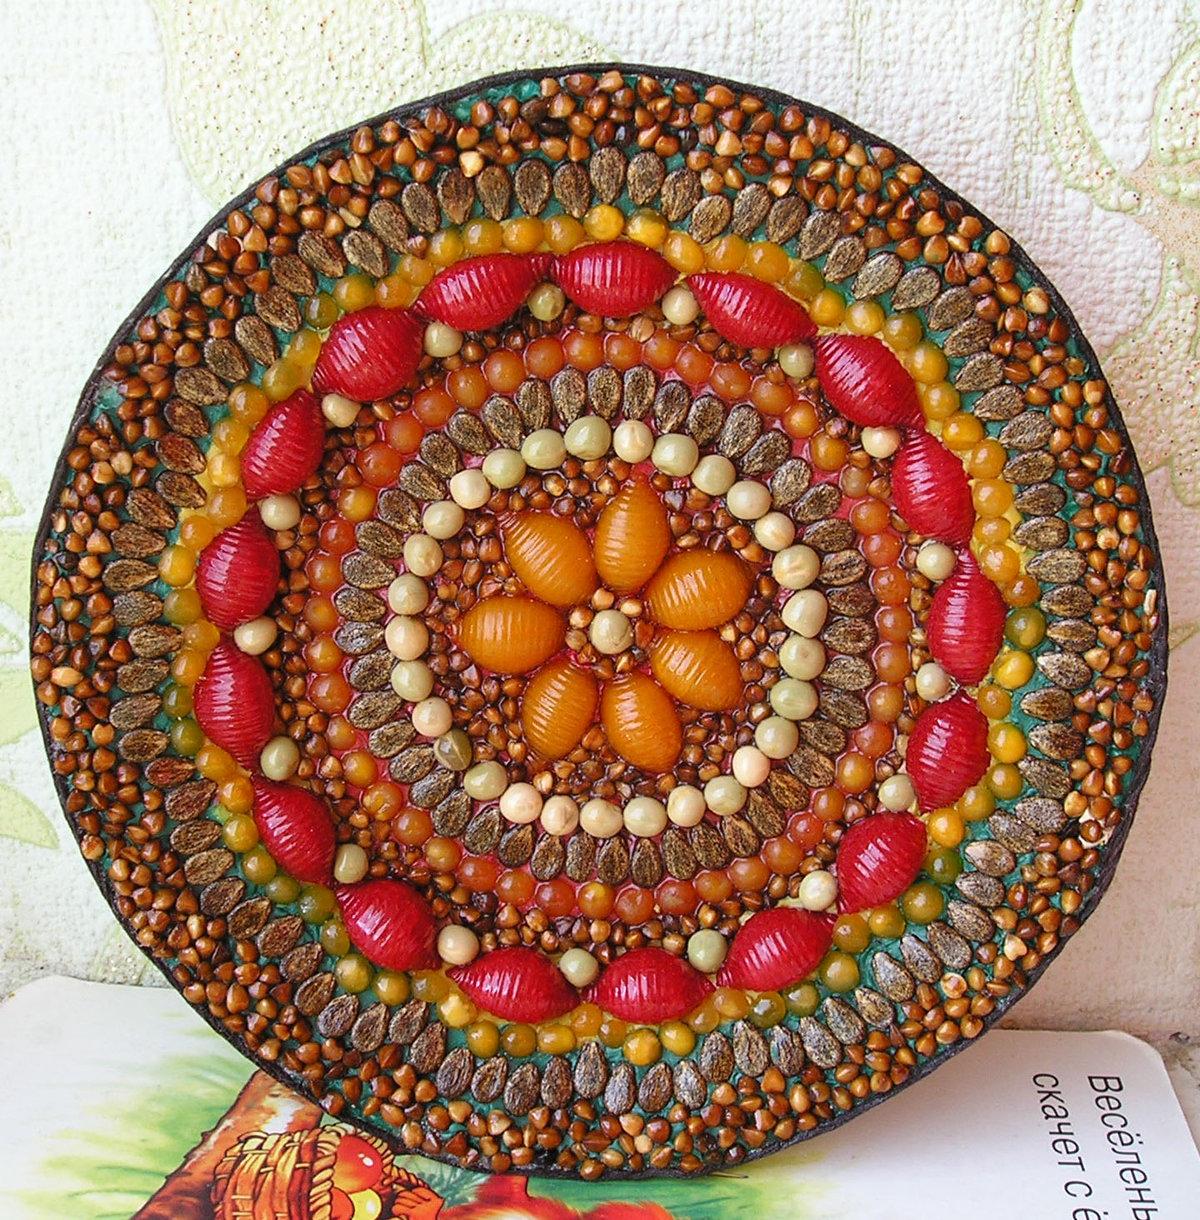 Цветы из макаронных изделий своими руками фото